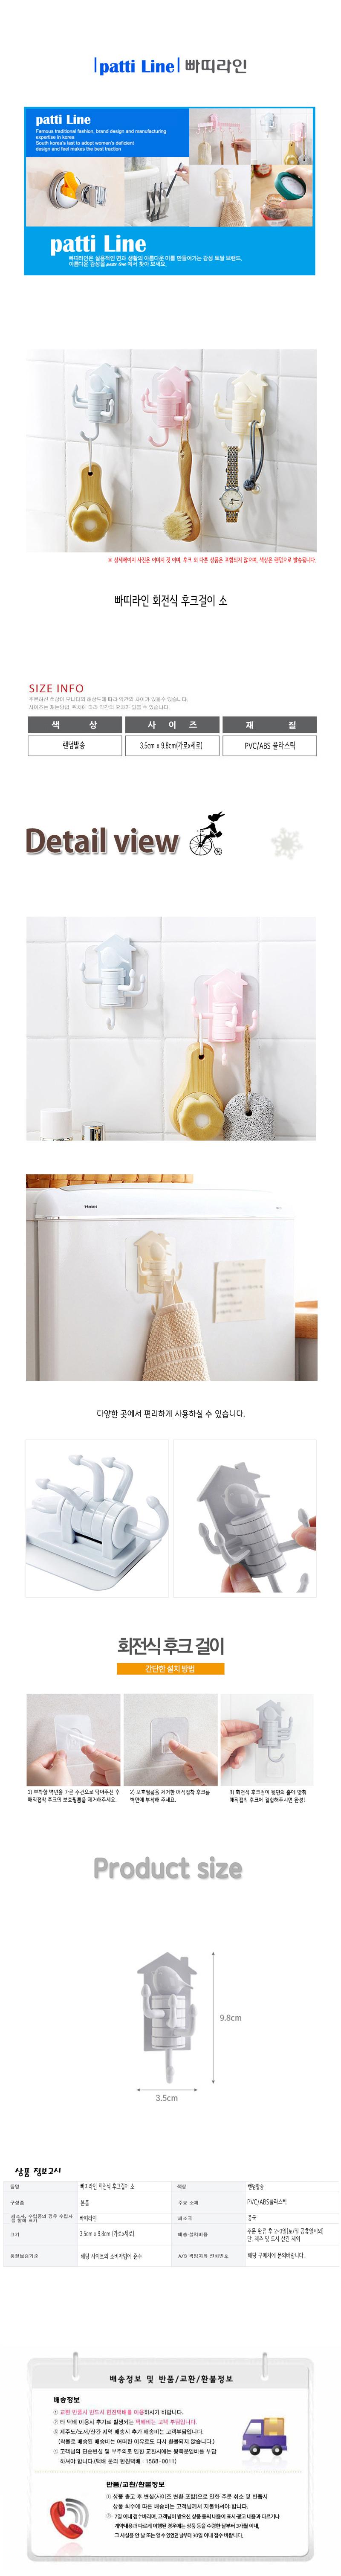 빠띠라인 회전식 후크걸이 소 - 빠띠빠띠, 3,300원, 생활잡화, 후크